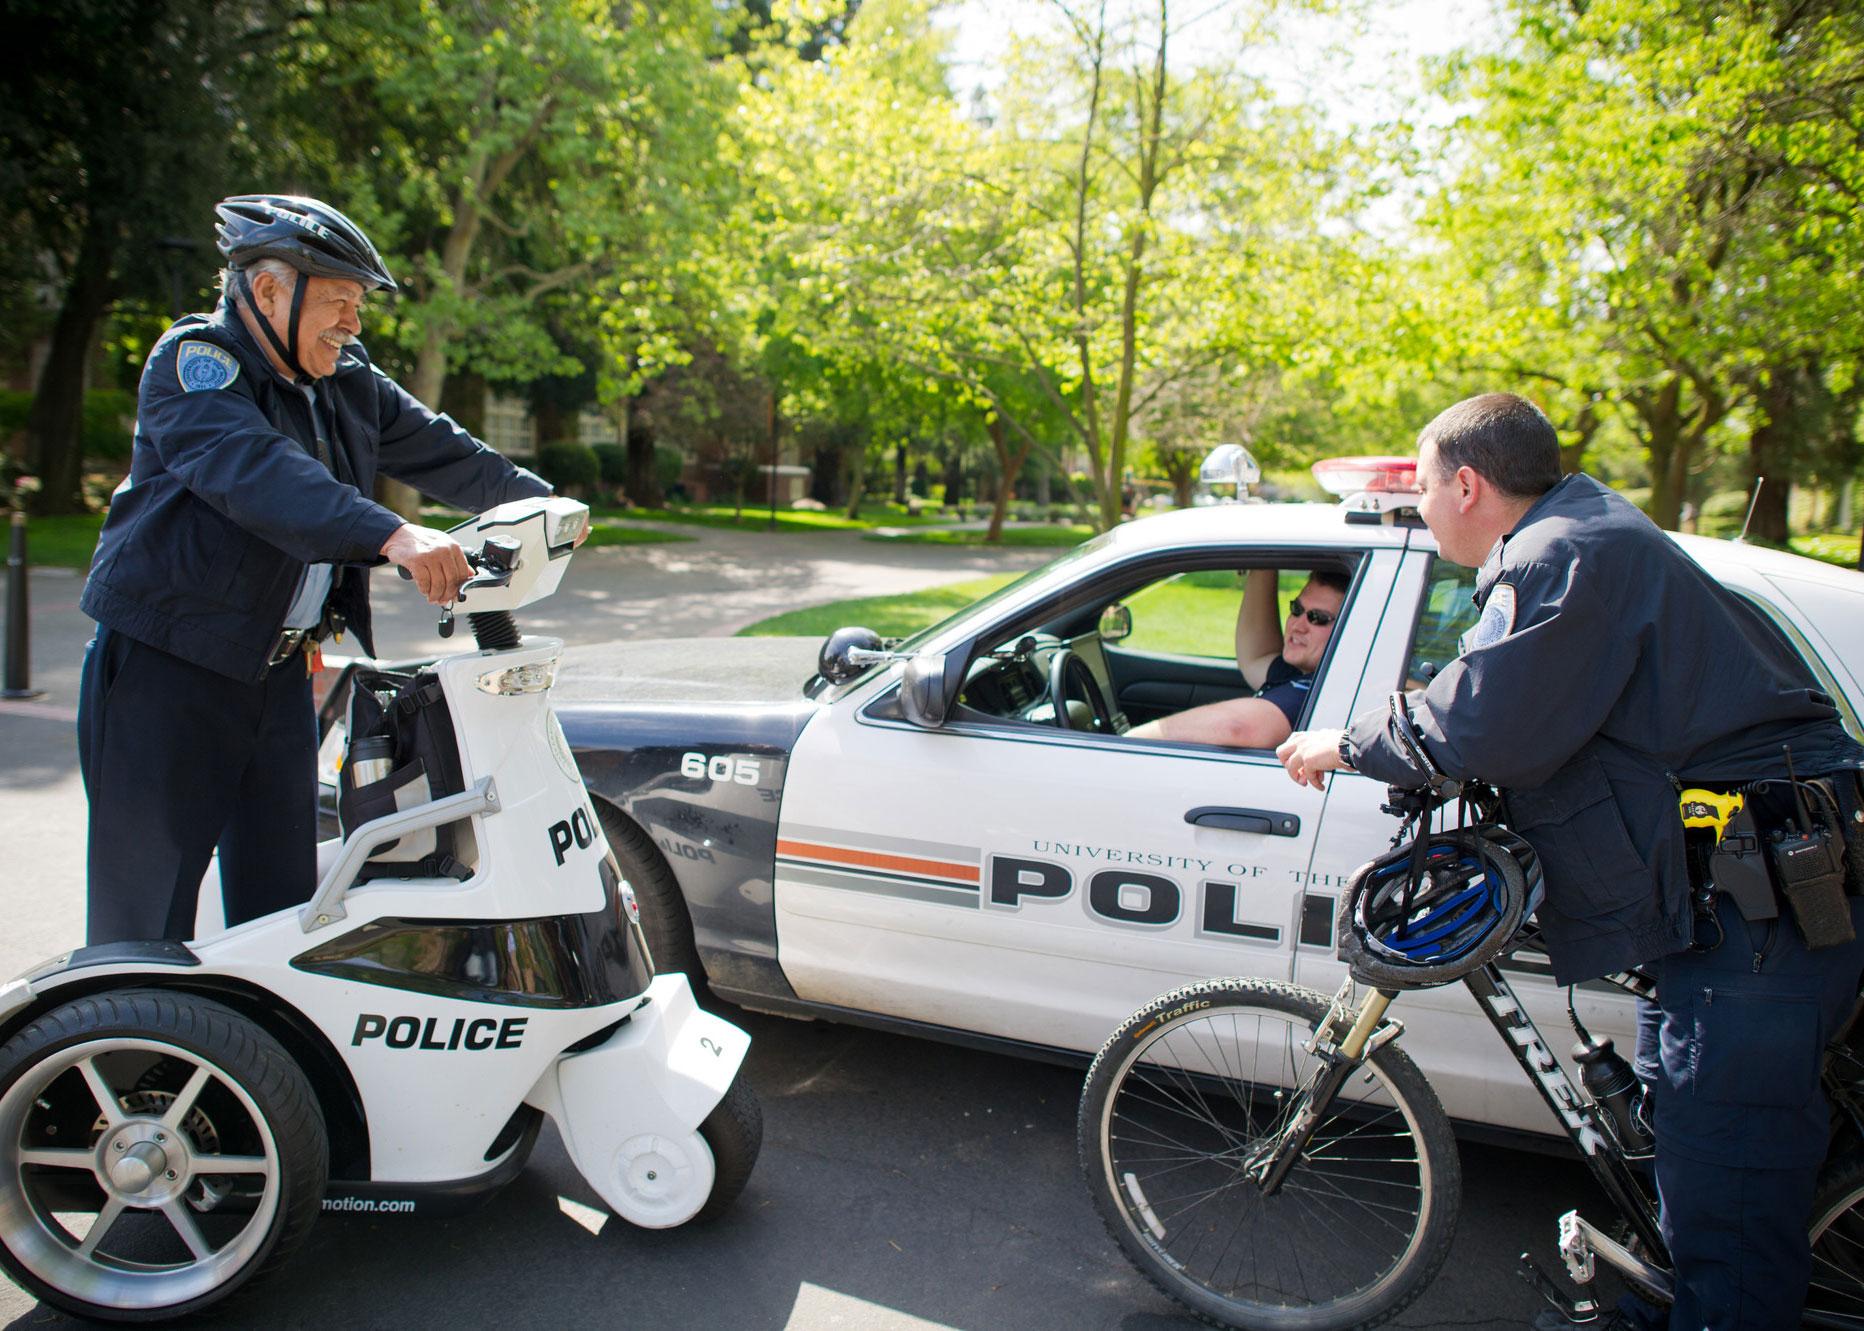 publics_campus_security_1500w.jpg